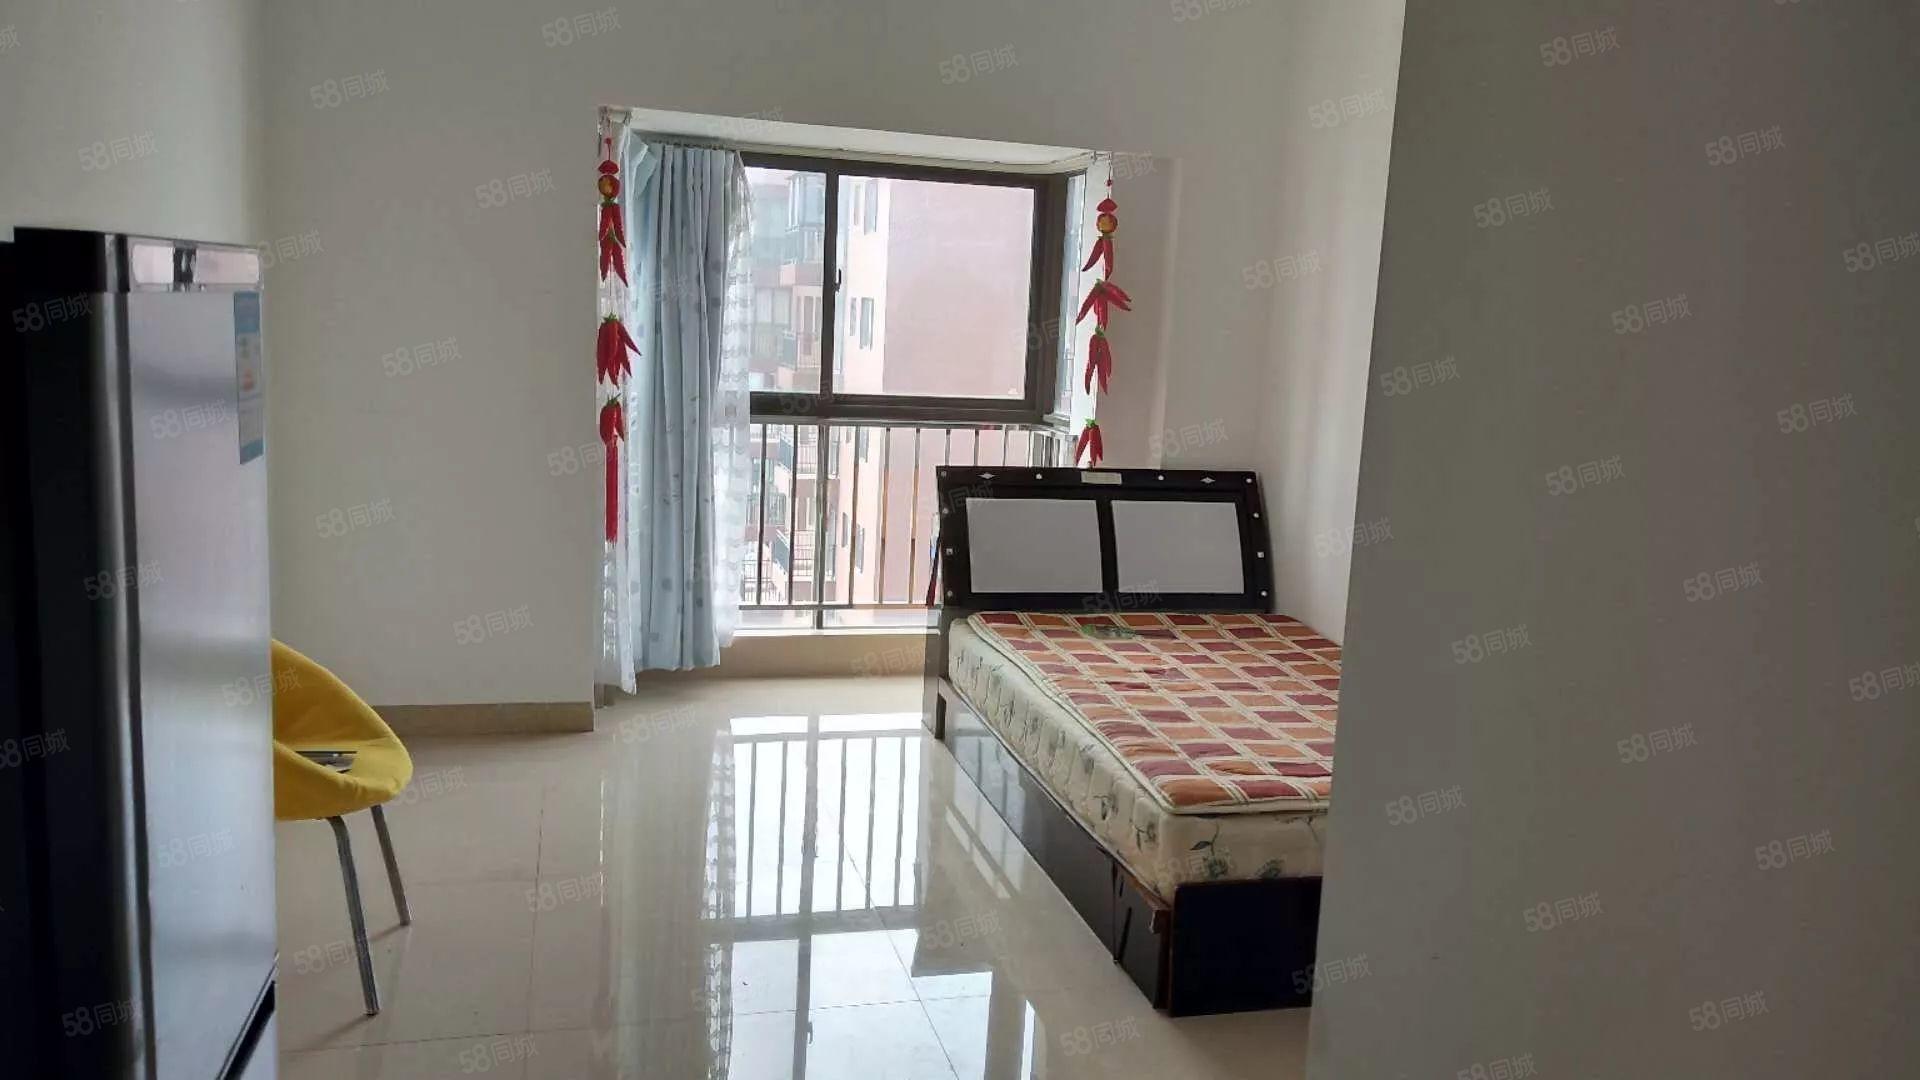 都市经典、单身公寓、1室1厅1卫、带部分家具澳门金沙平台